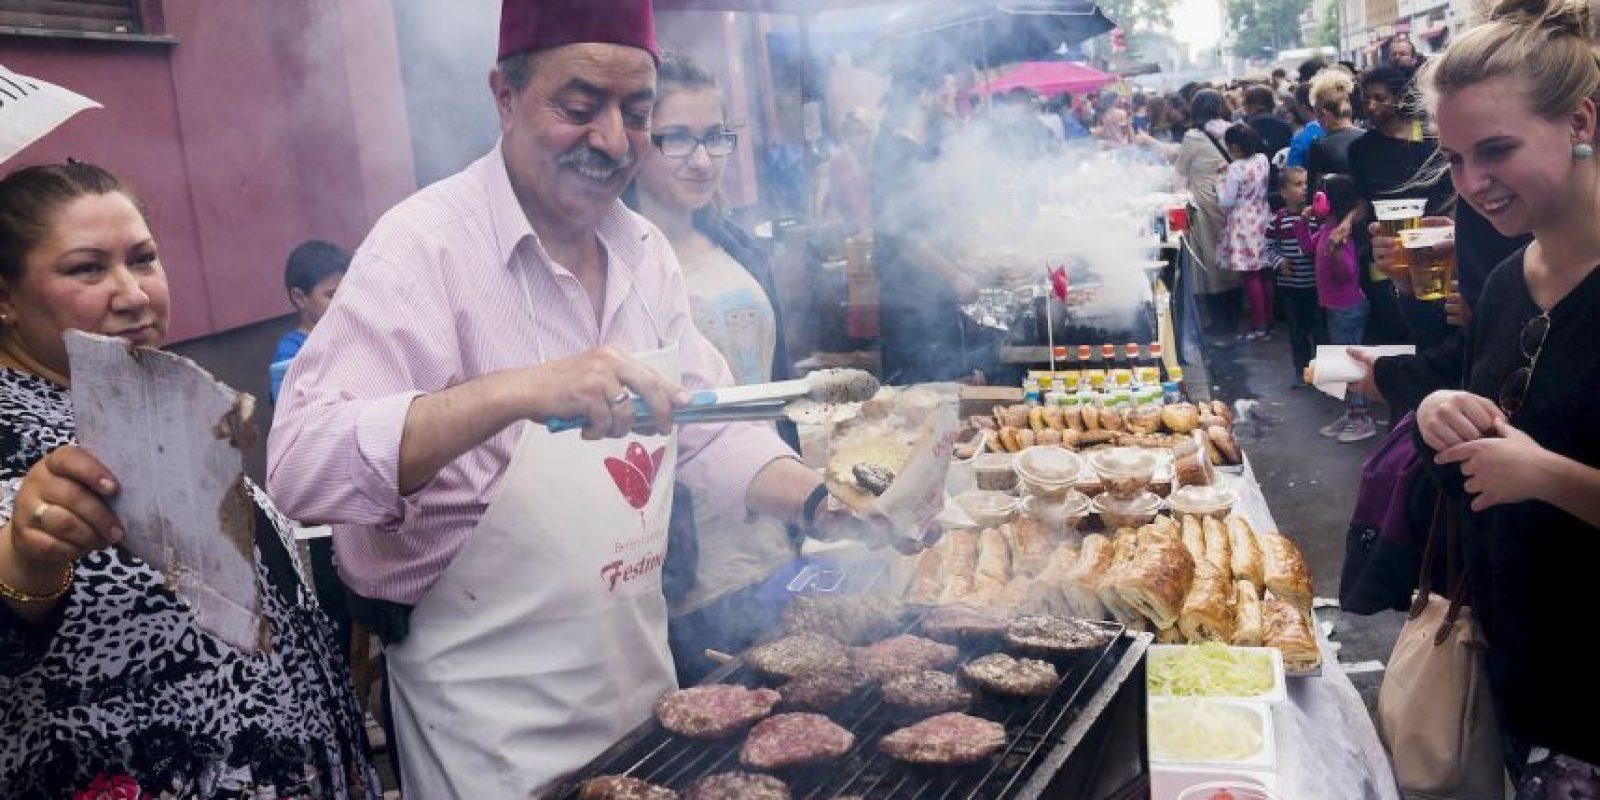 La contaminación por sustancias químicas puede provocar intoxicaciones agudas o enfermedades de larga duración, como el cáncer. Foto:Getty Images